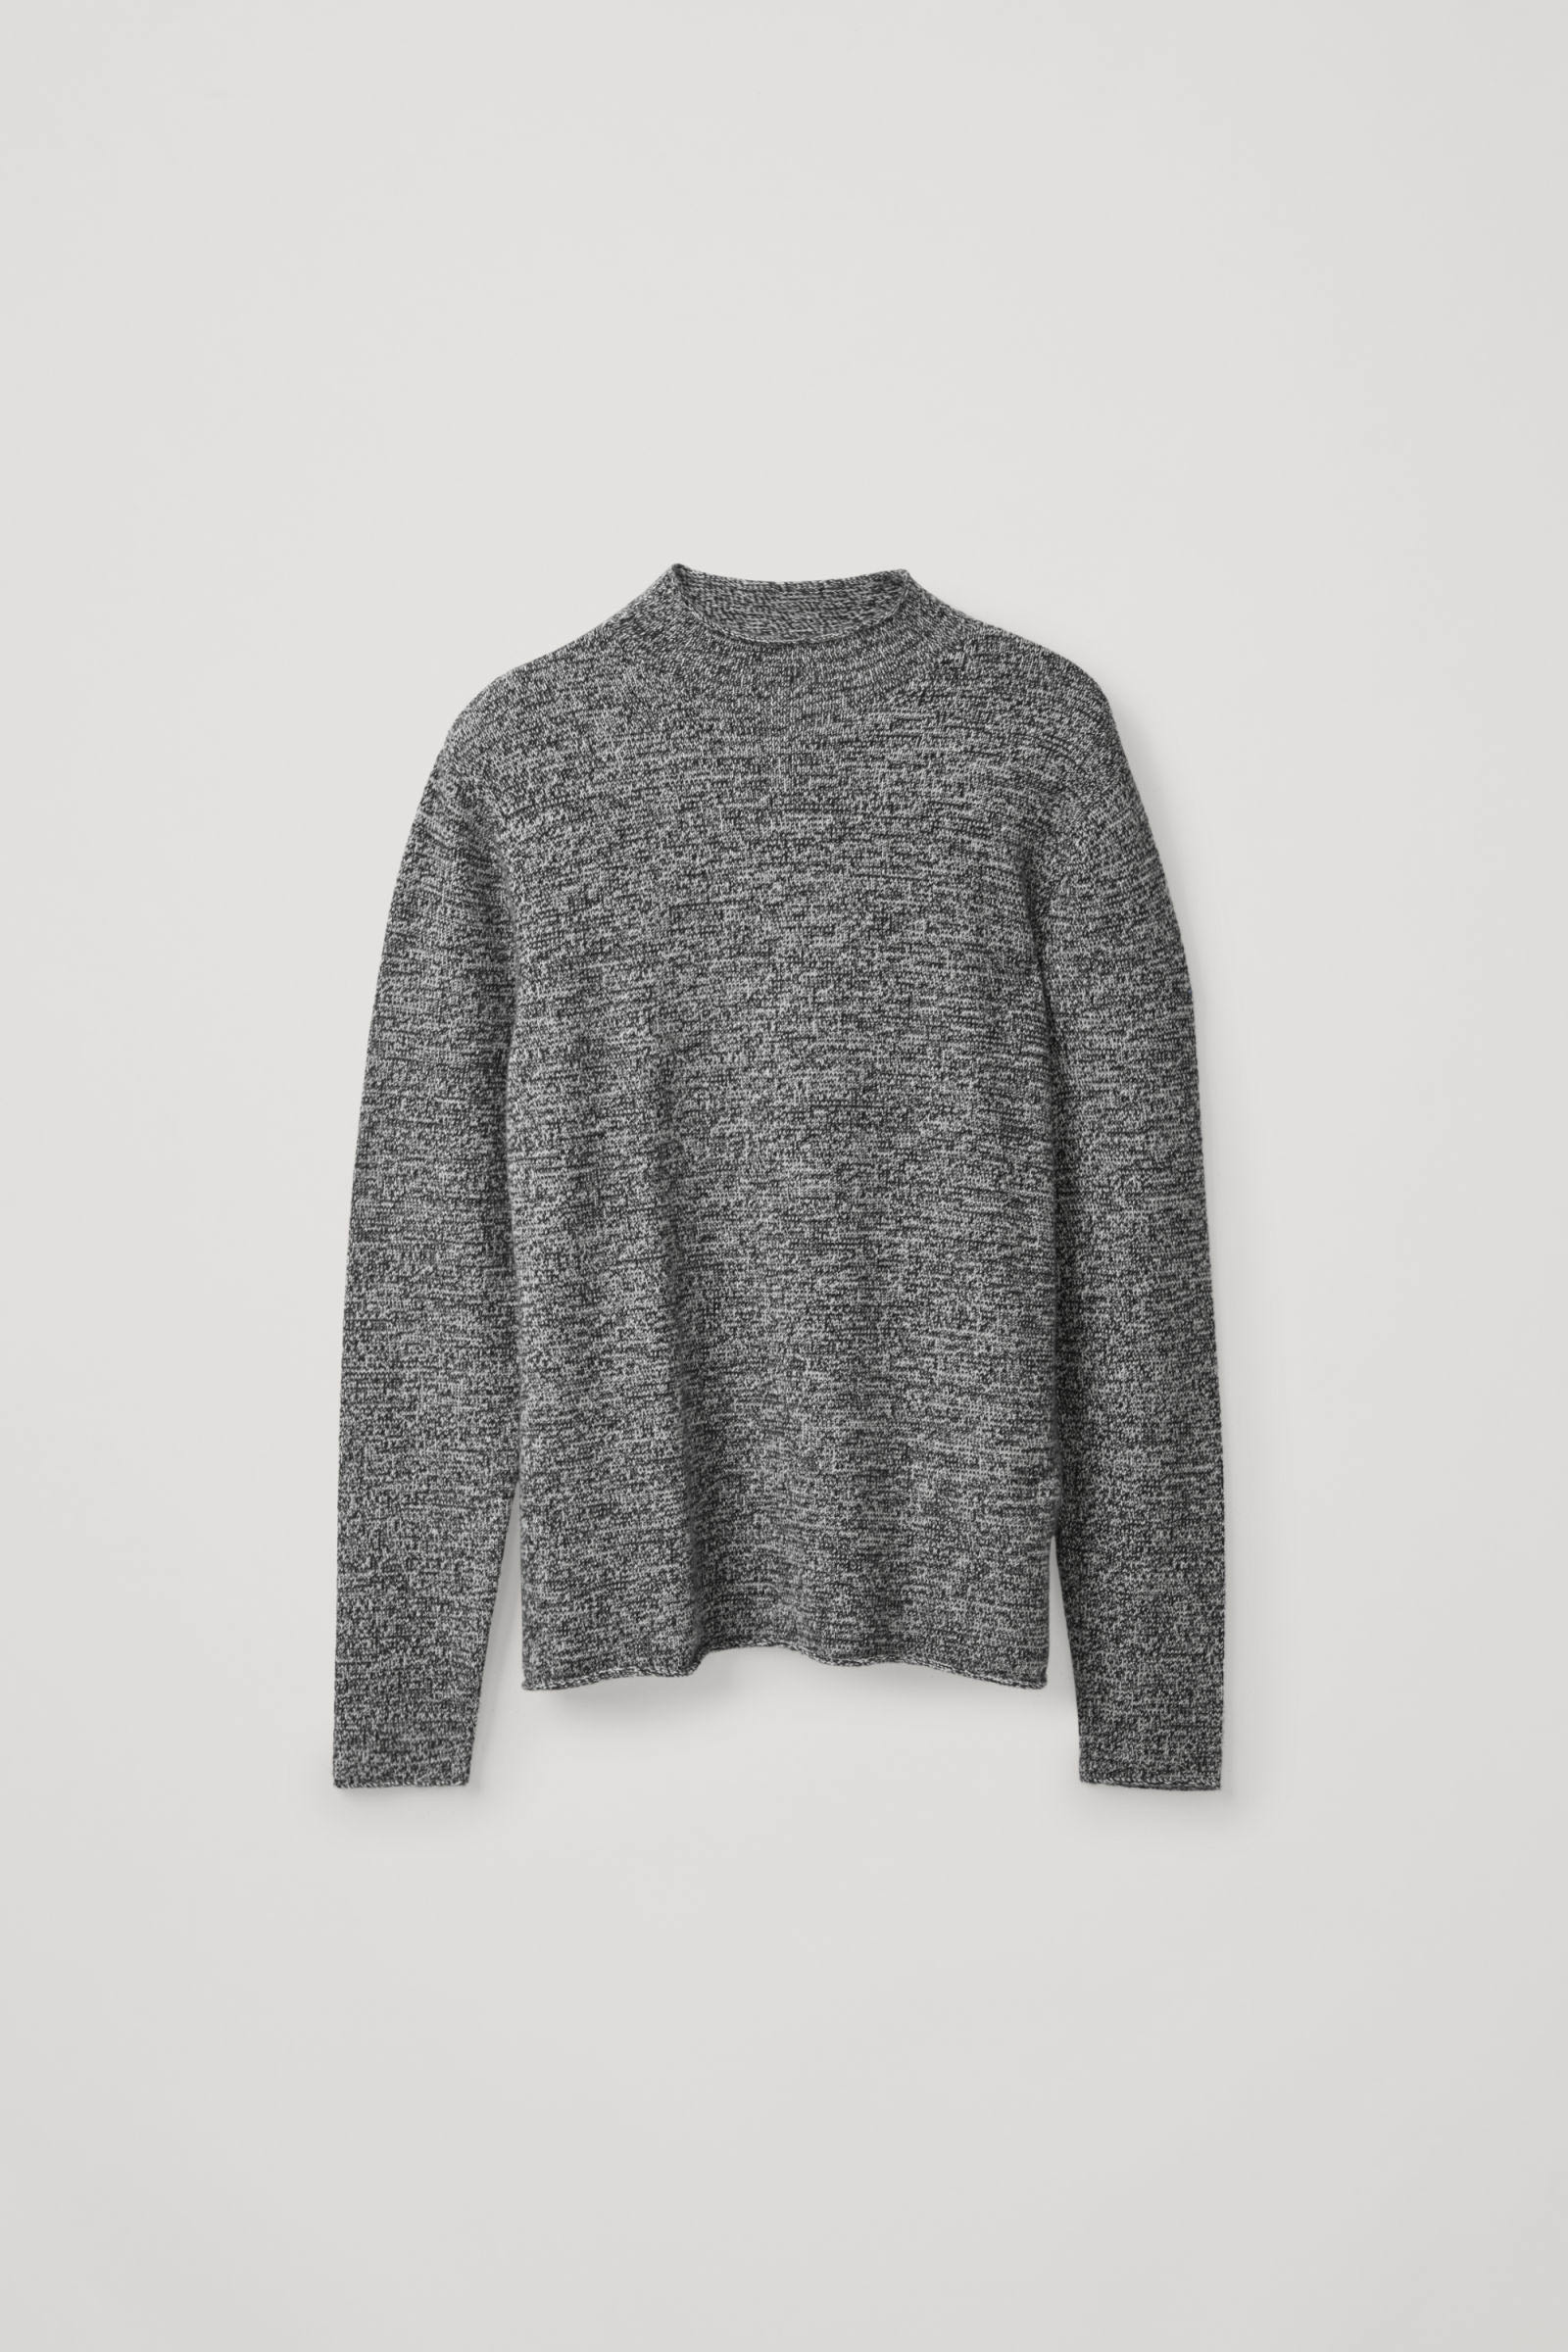 COS 롤 엣지 캐시미어 스웨터의 블랙 / 그레이컬러 Product입니다.